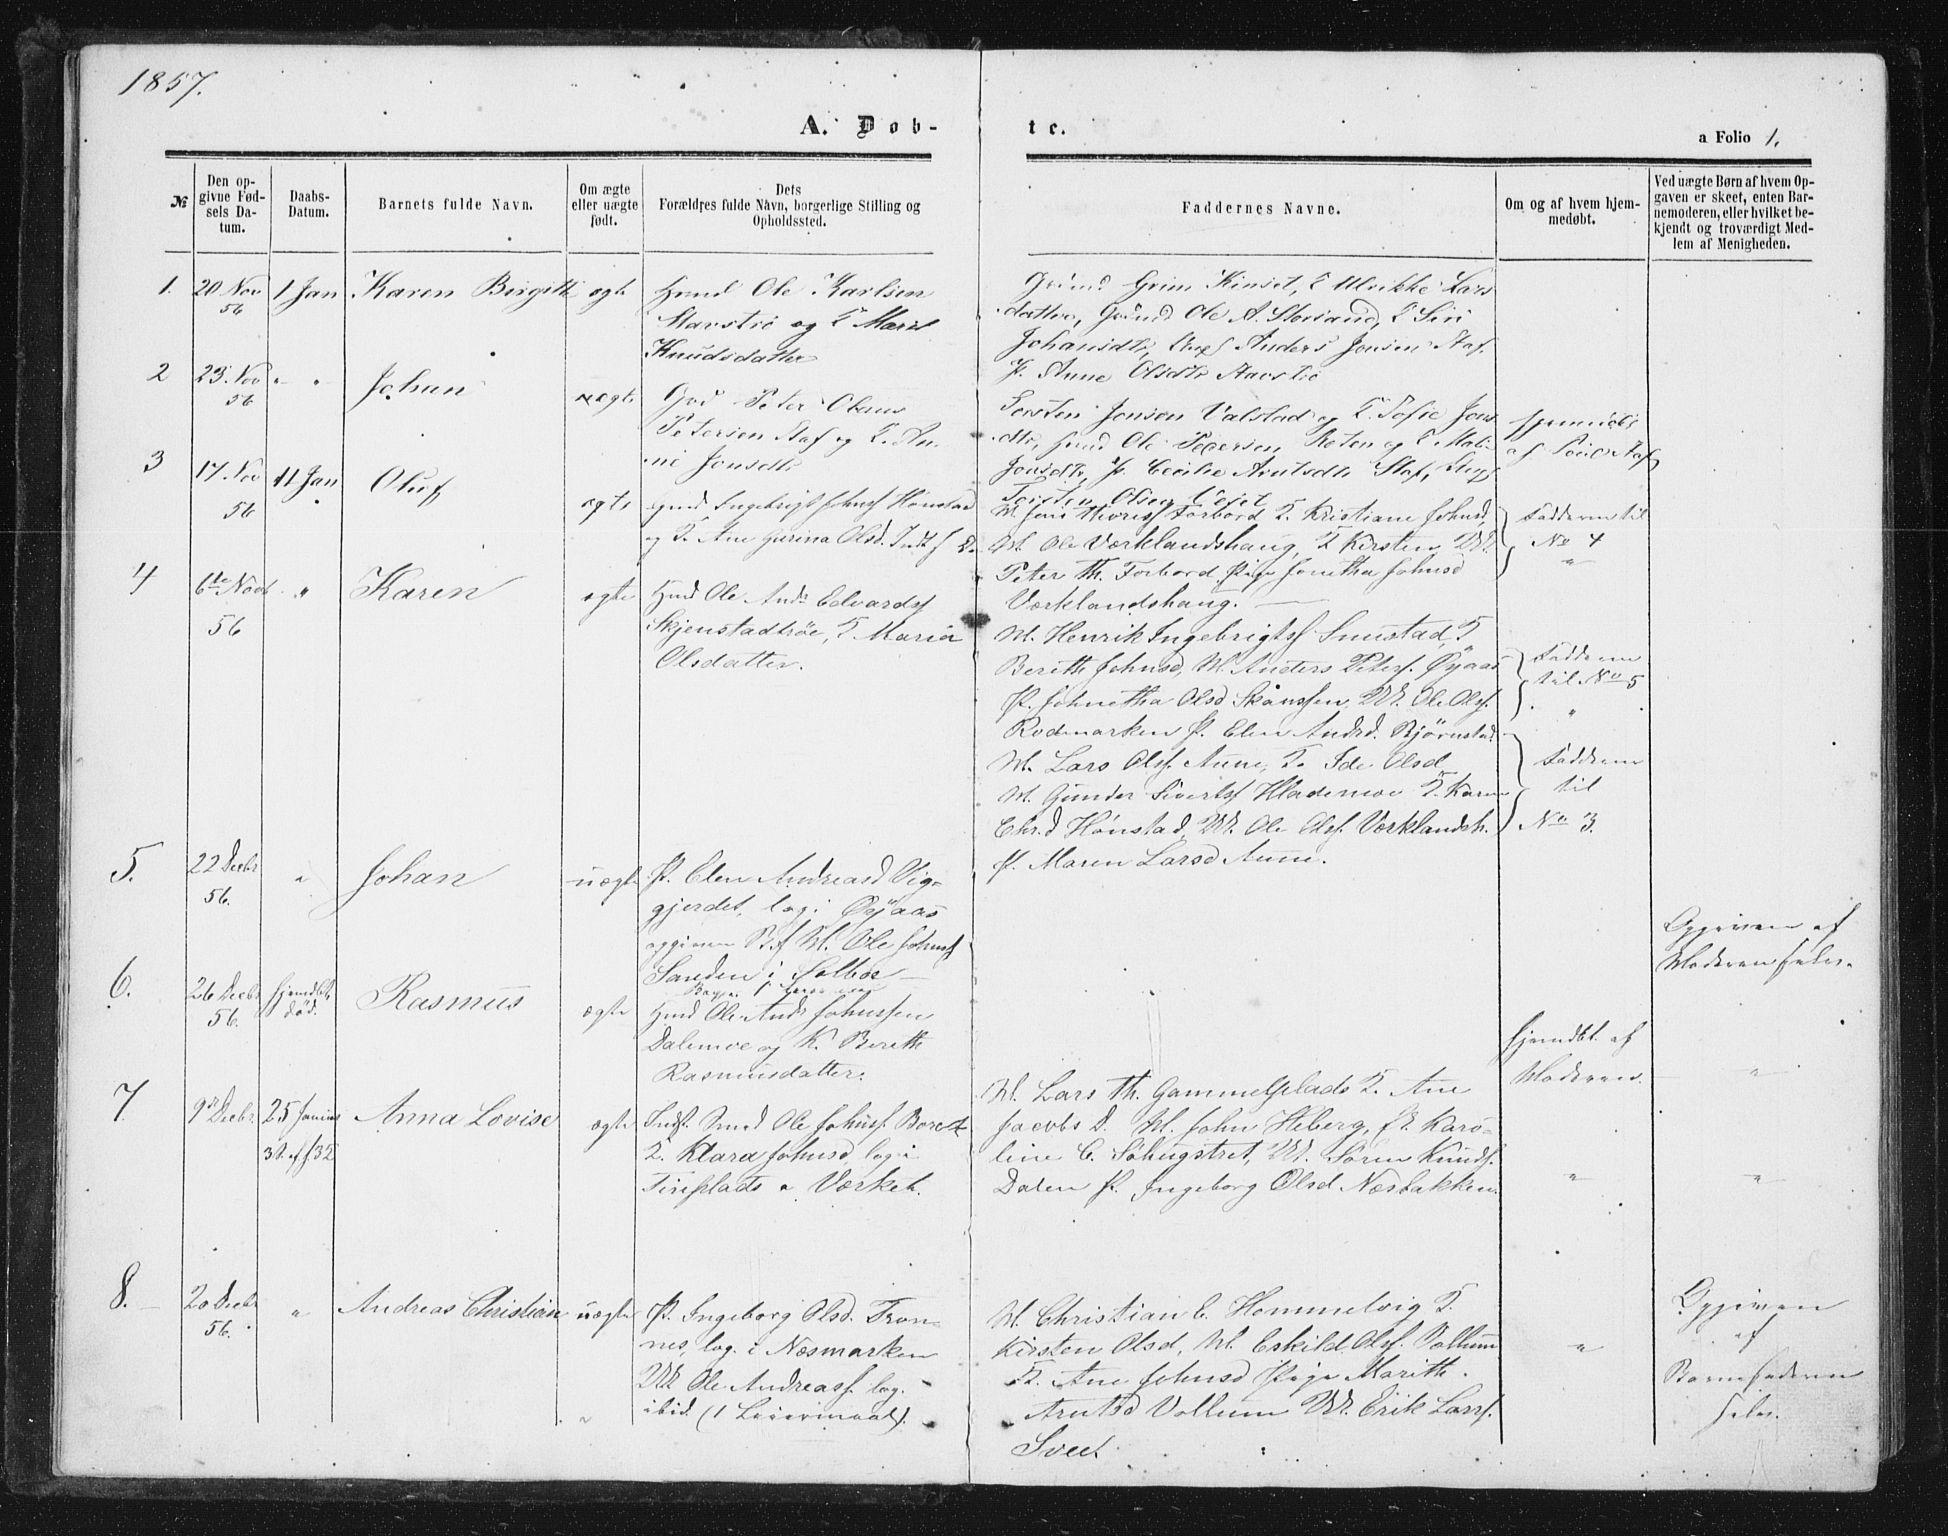 SAT, Ministerialprotokoller, klokkerbøker og fødselsregistre - Sør-Trøndelag, 616/L0408: Ministerialbok nr. 616A05, 1857-1865, s. 1